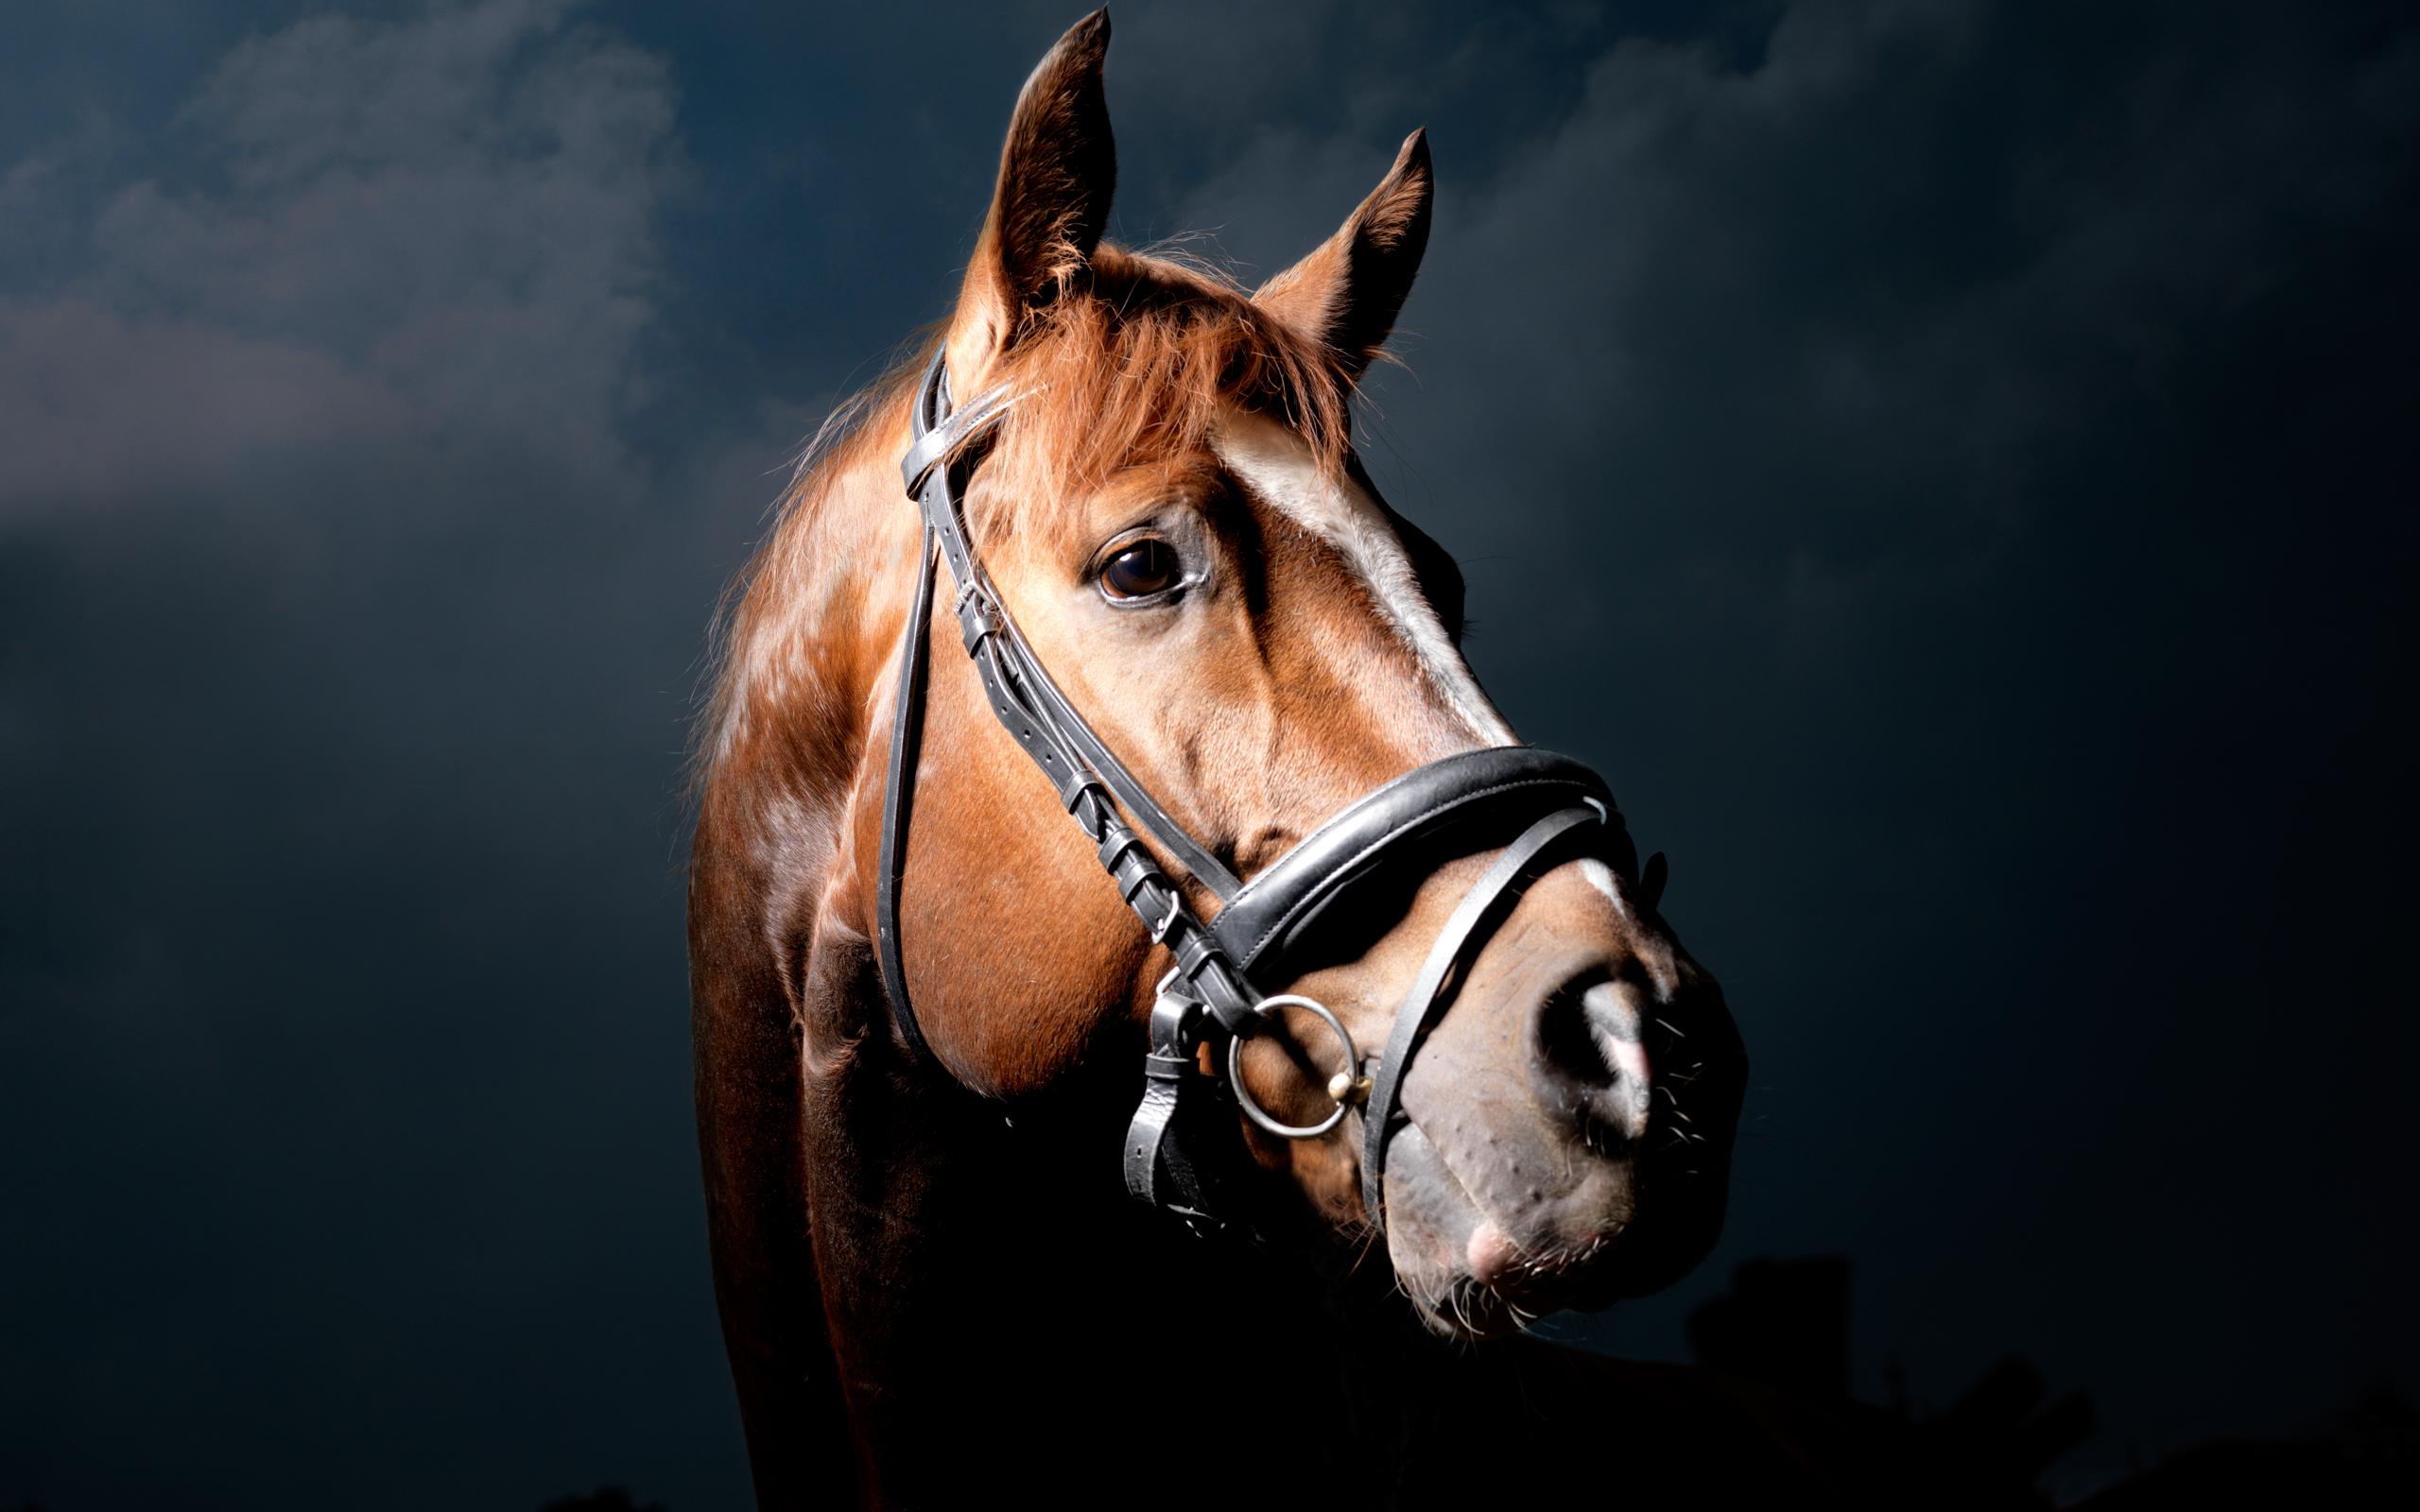 качественные обои на рабочий стол лошади № 503701 бесплатно